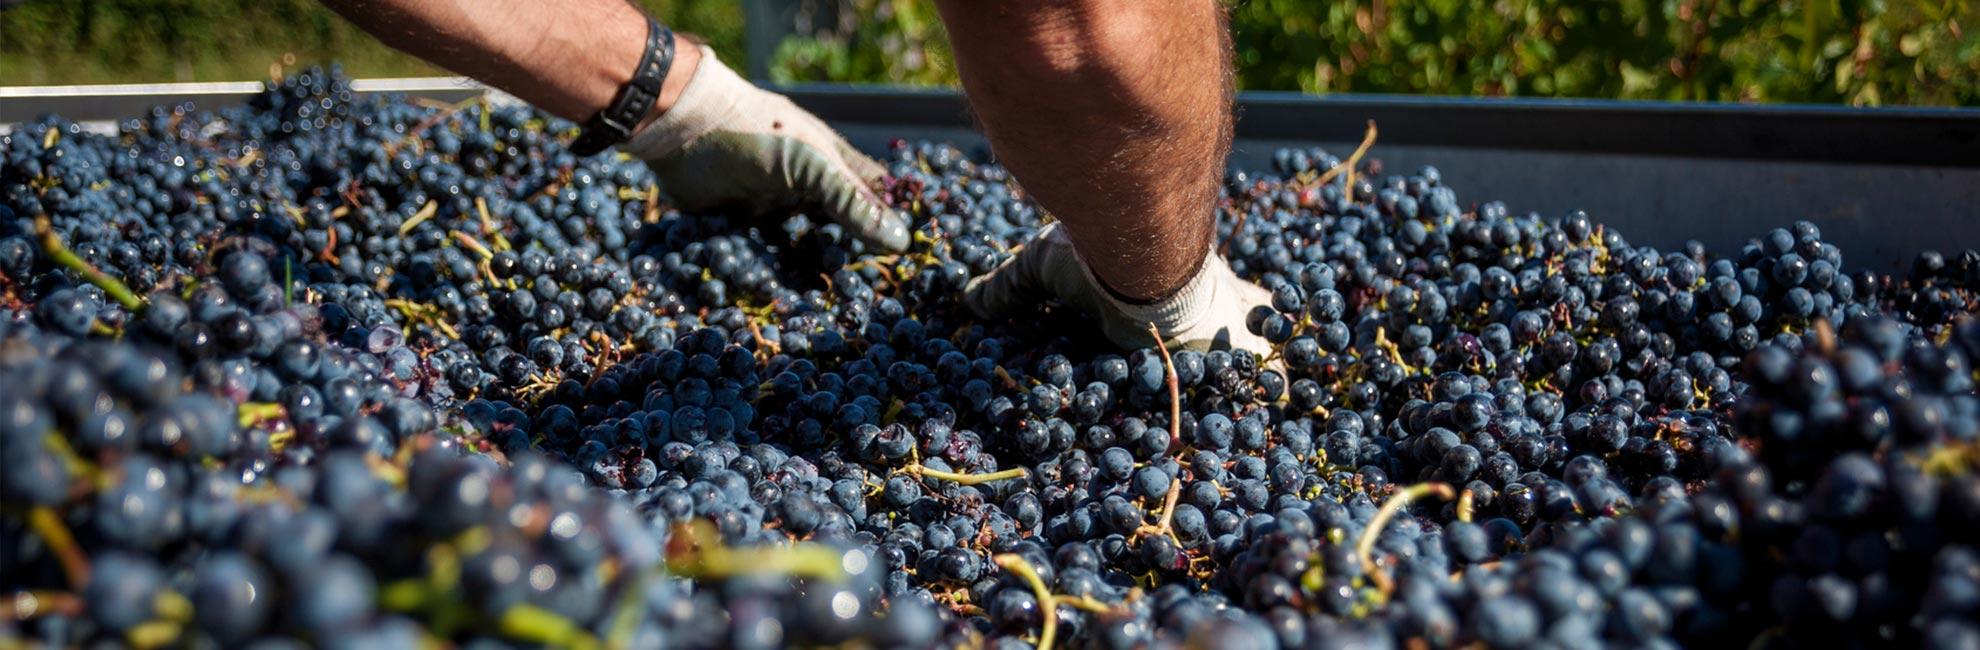 uvas-cosecha-vino